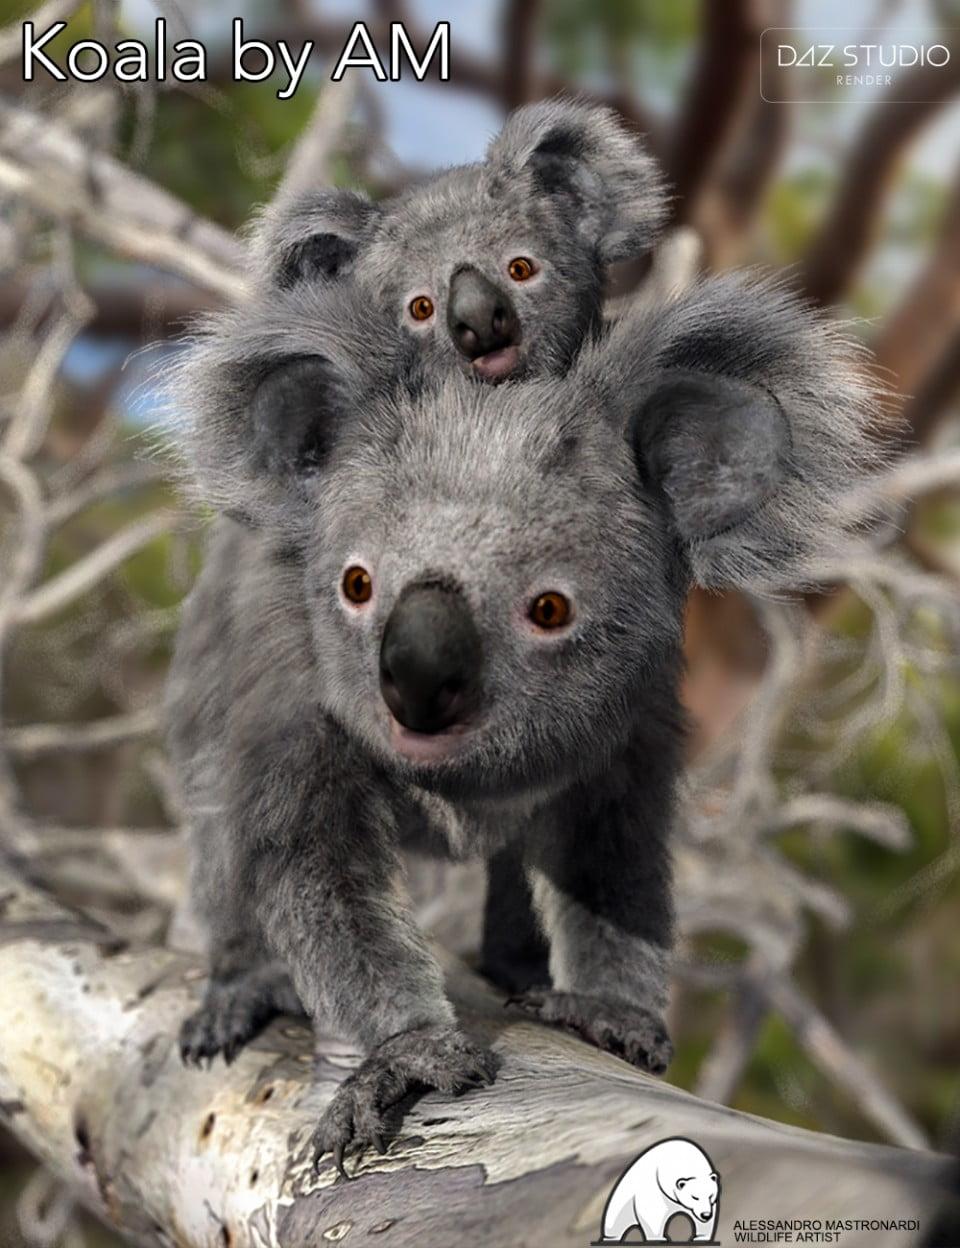 00-main-koala-by-am-daz3d